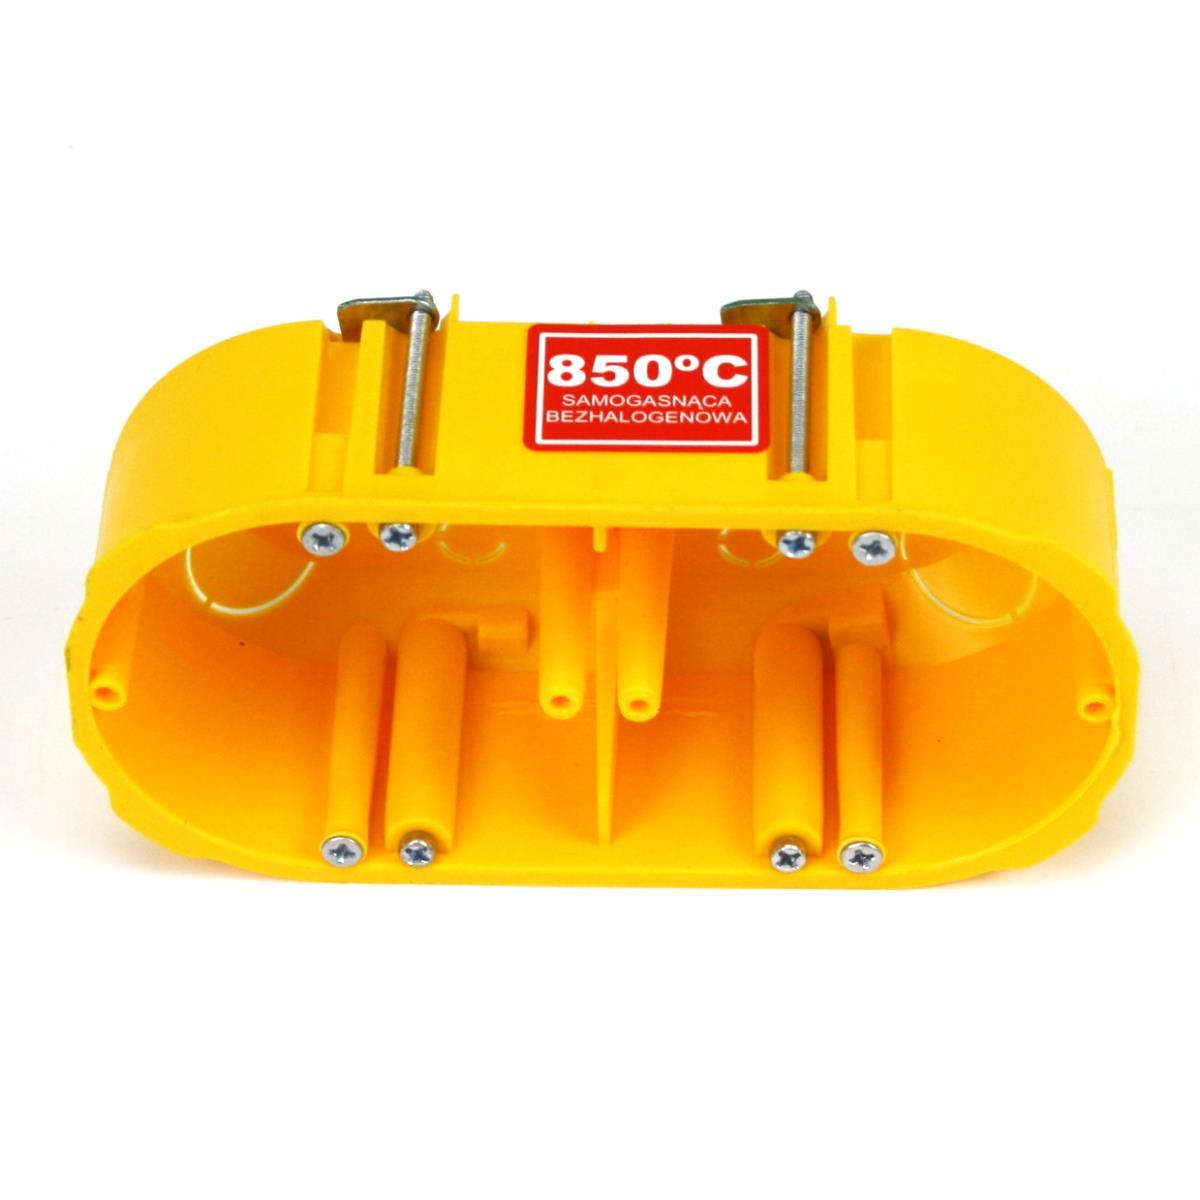 6x Hohlwanddose 2-fach Abzweigdose Hohlraumdose halogenfrei Ø60x47mm, gelb,Elektro-Plast,0210-0N, 4243067015600